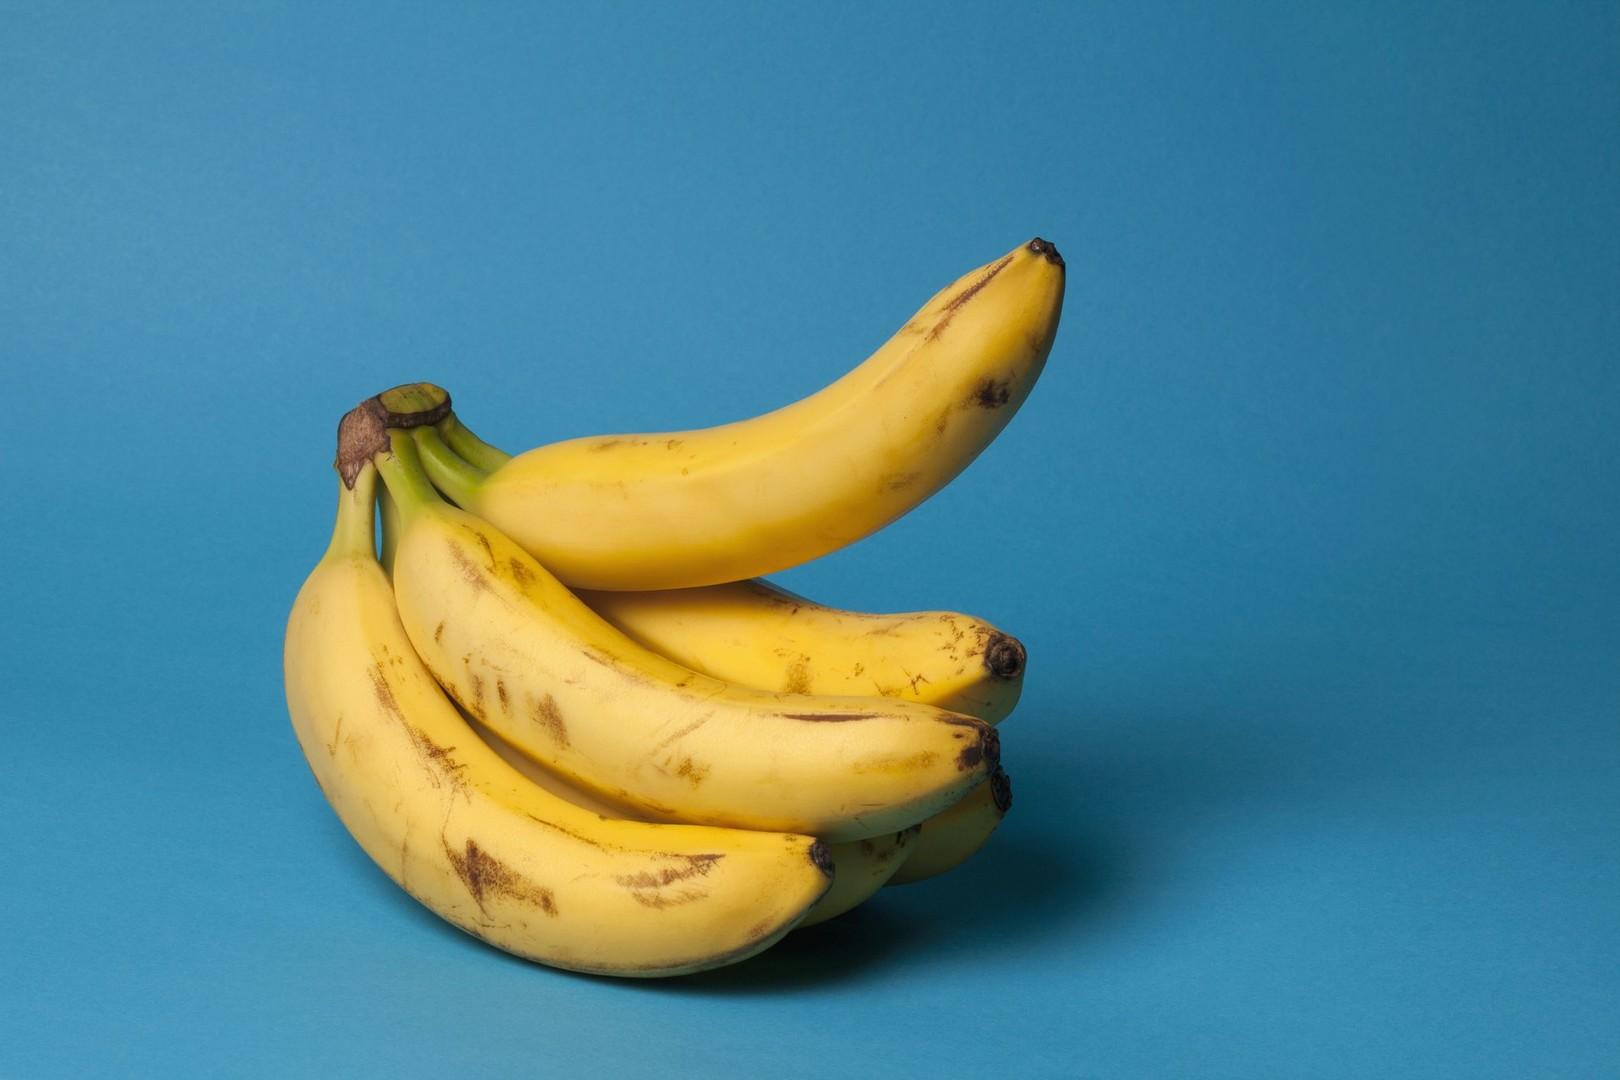 خبراء يحذرون من انقراض أكثر أنواع الموز شهرة في العالم!